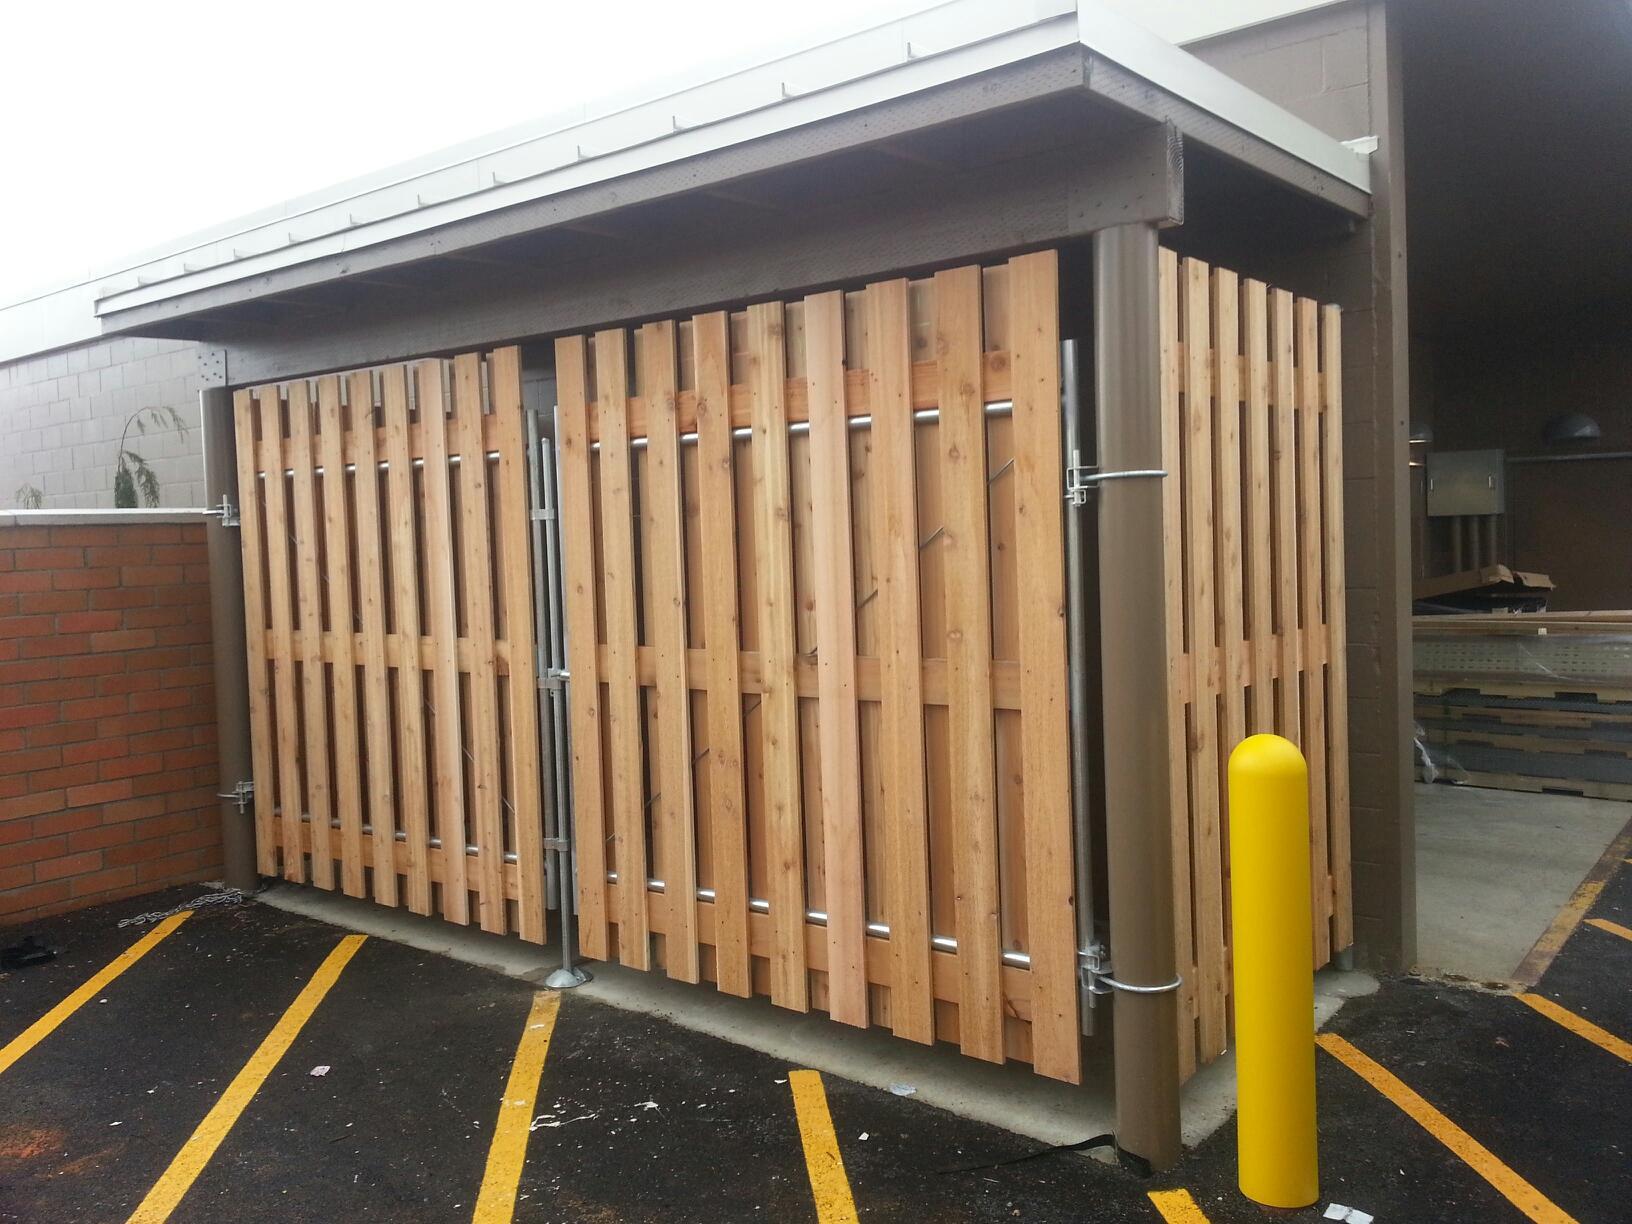 Economy Fence Center Pipe Framed Wood Gate For Dumpster